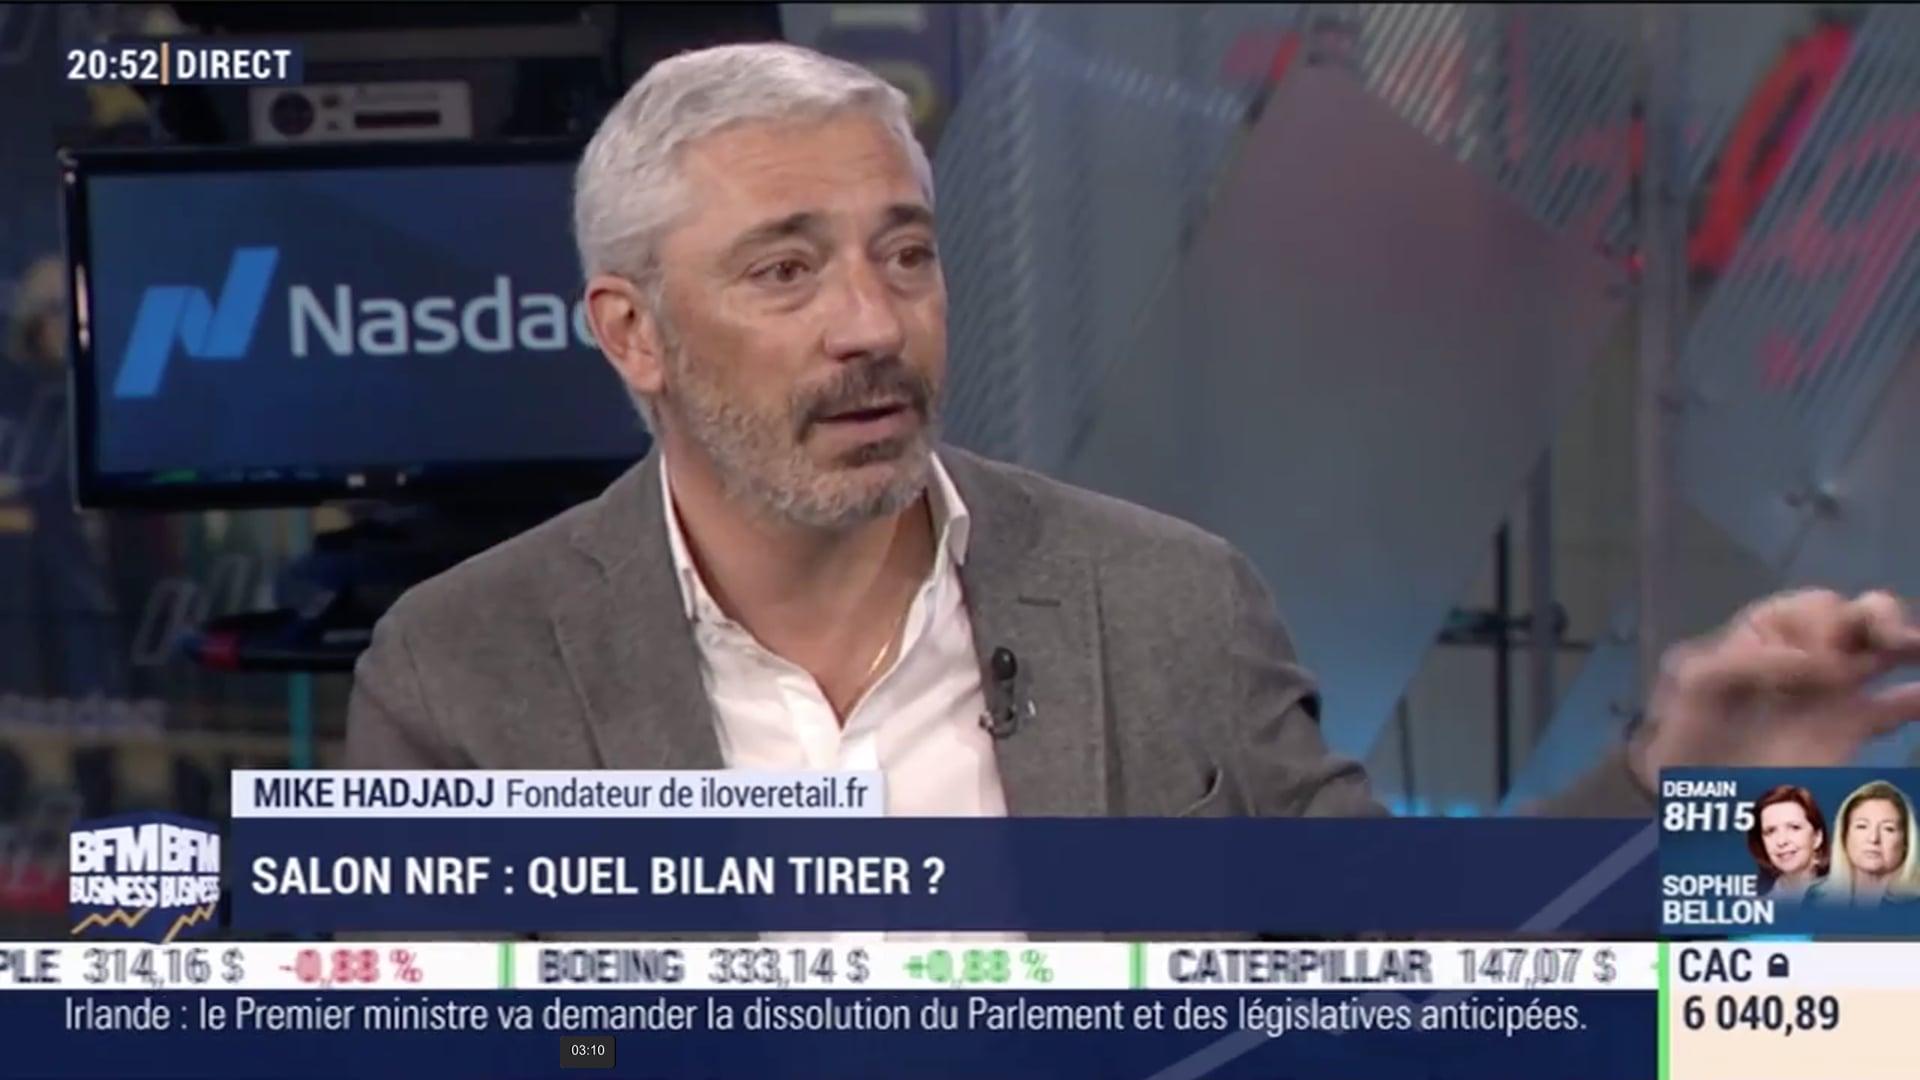 What's up New York : Salon NRF, quel bilan tirer ?